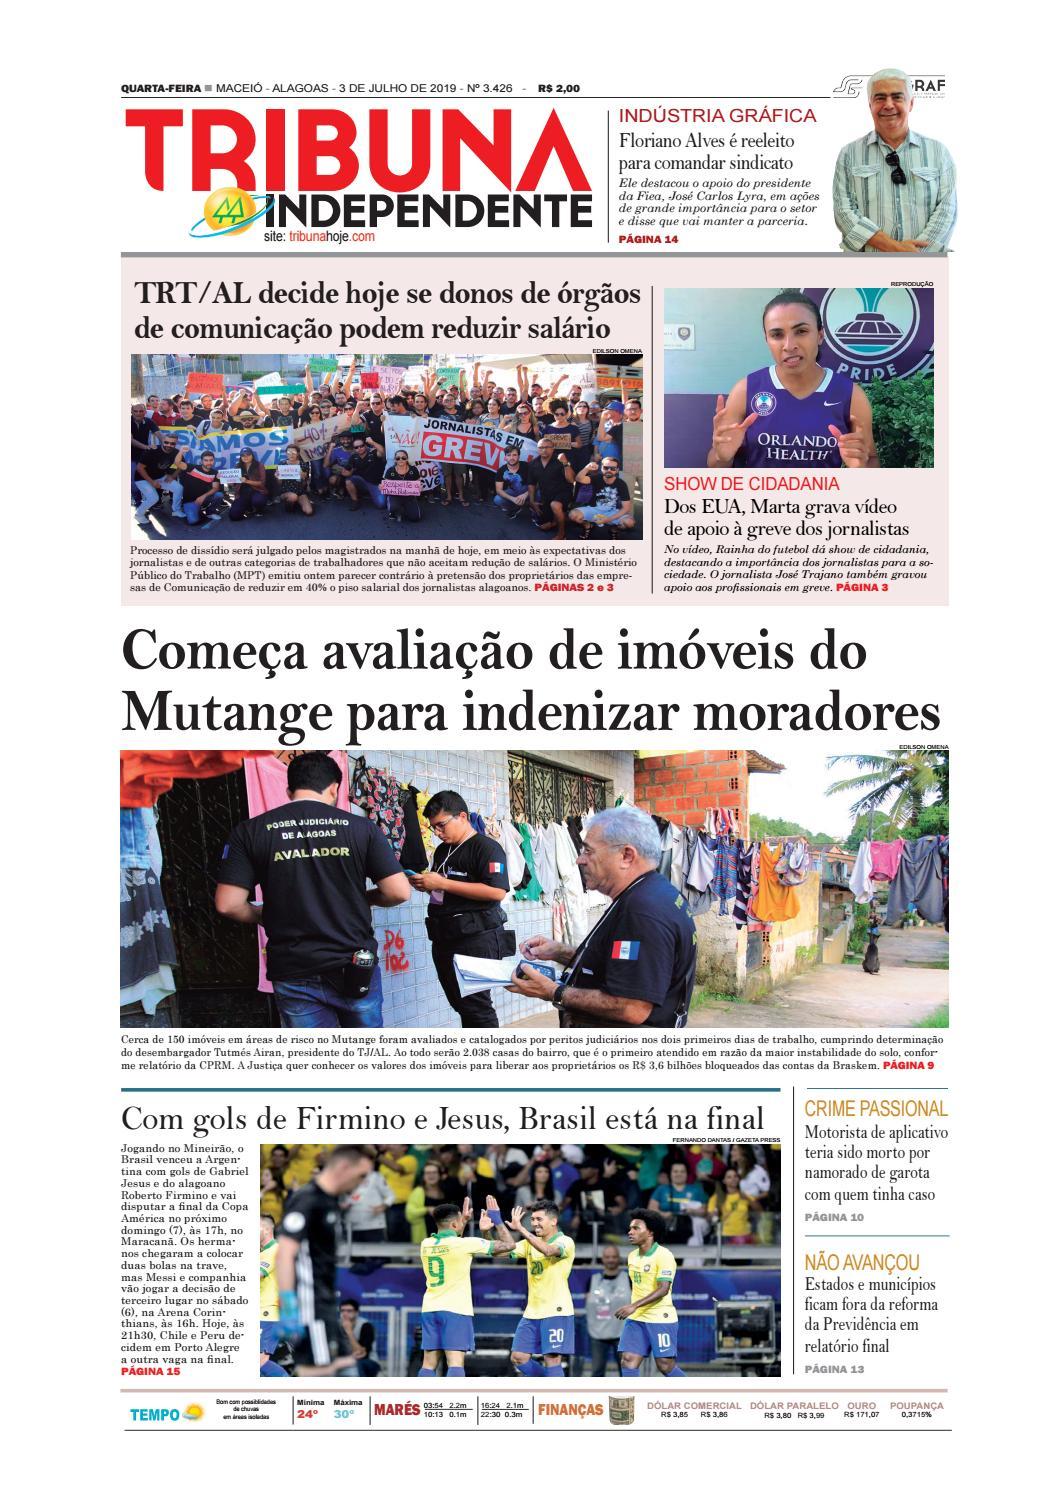 9e56a50a50 Edição número 3426 - 3 de julho de 2019 by Tribuna Hoje - issuu